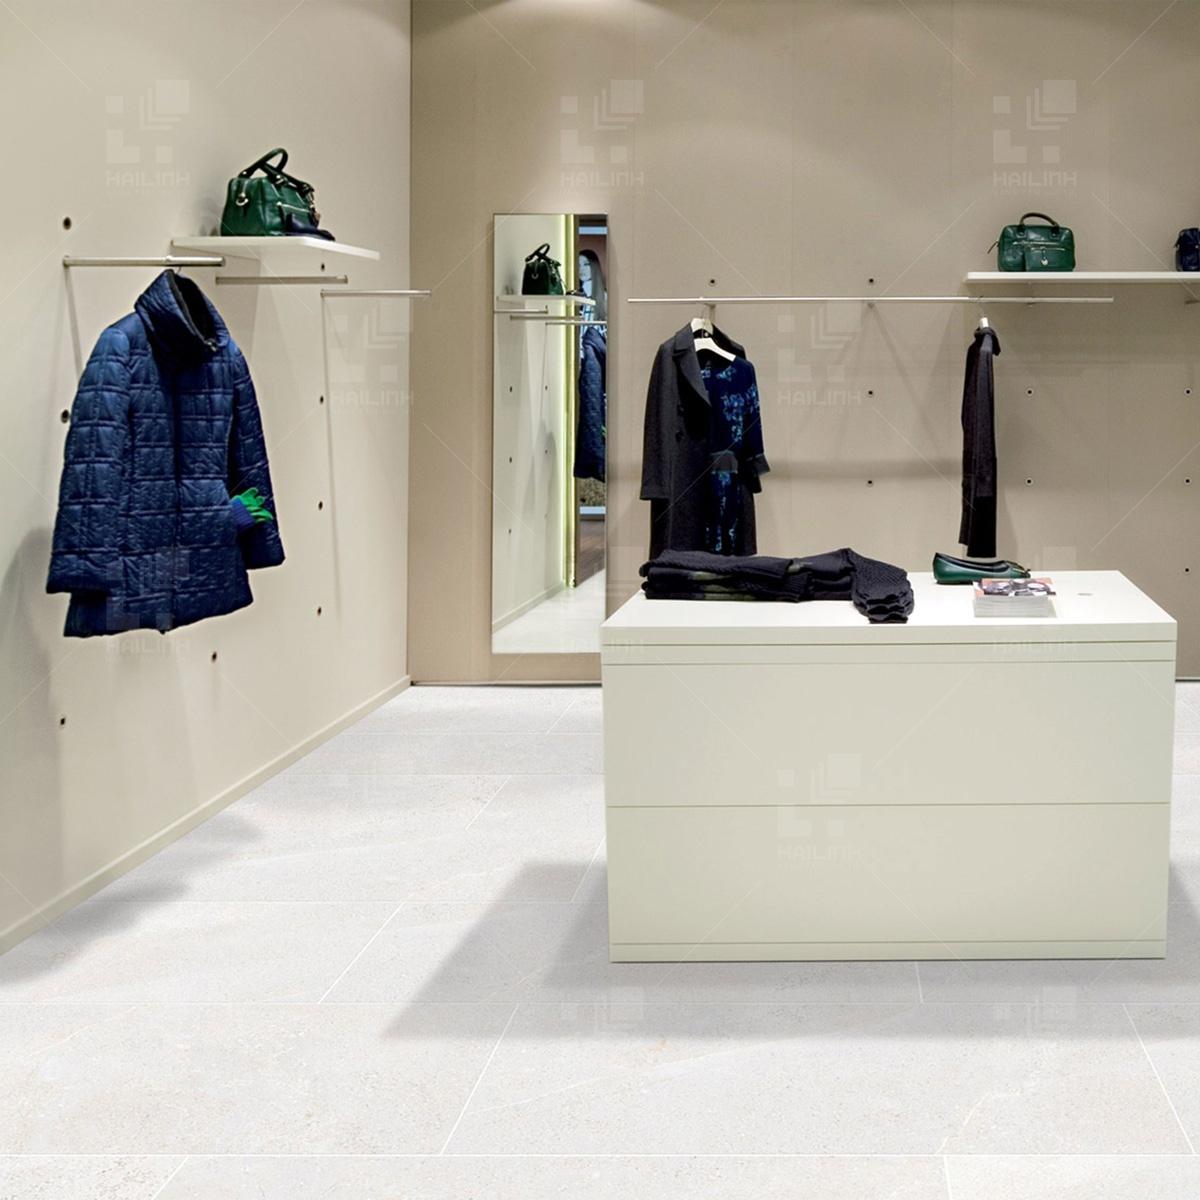 Bộ sưu tập phòng mẫu gạch Euro Tile